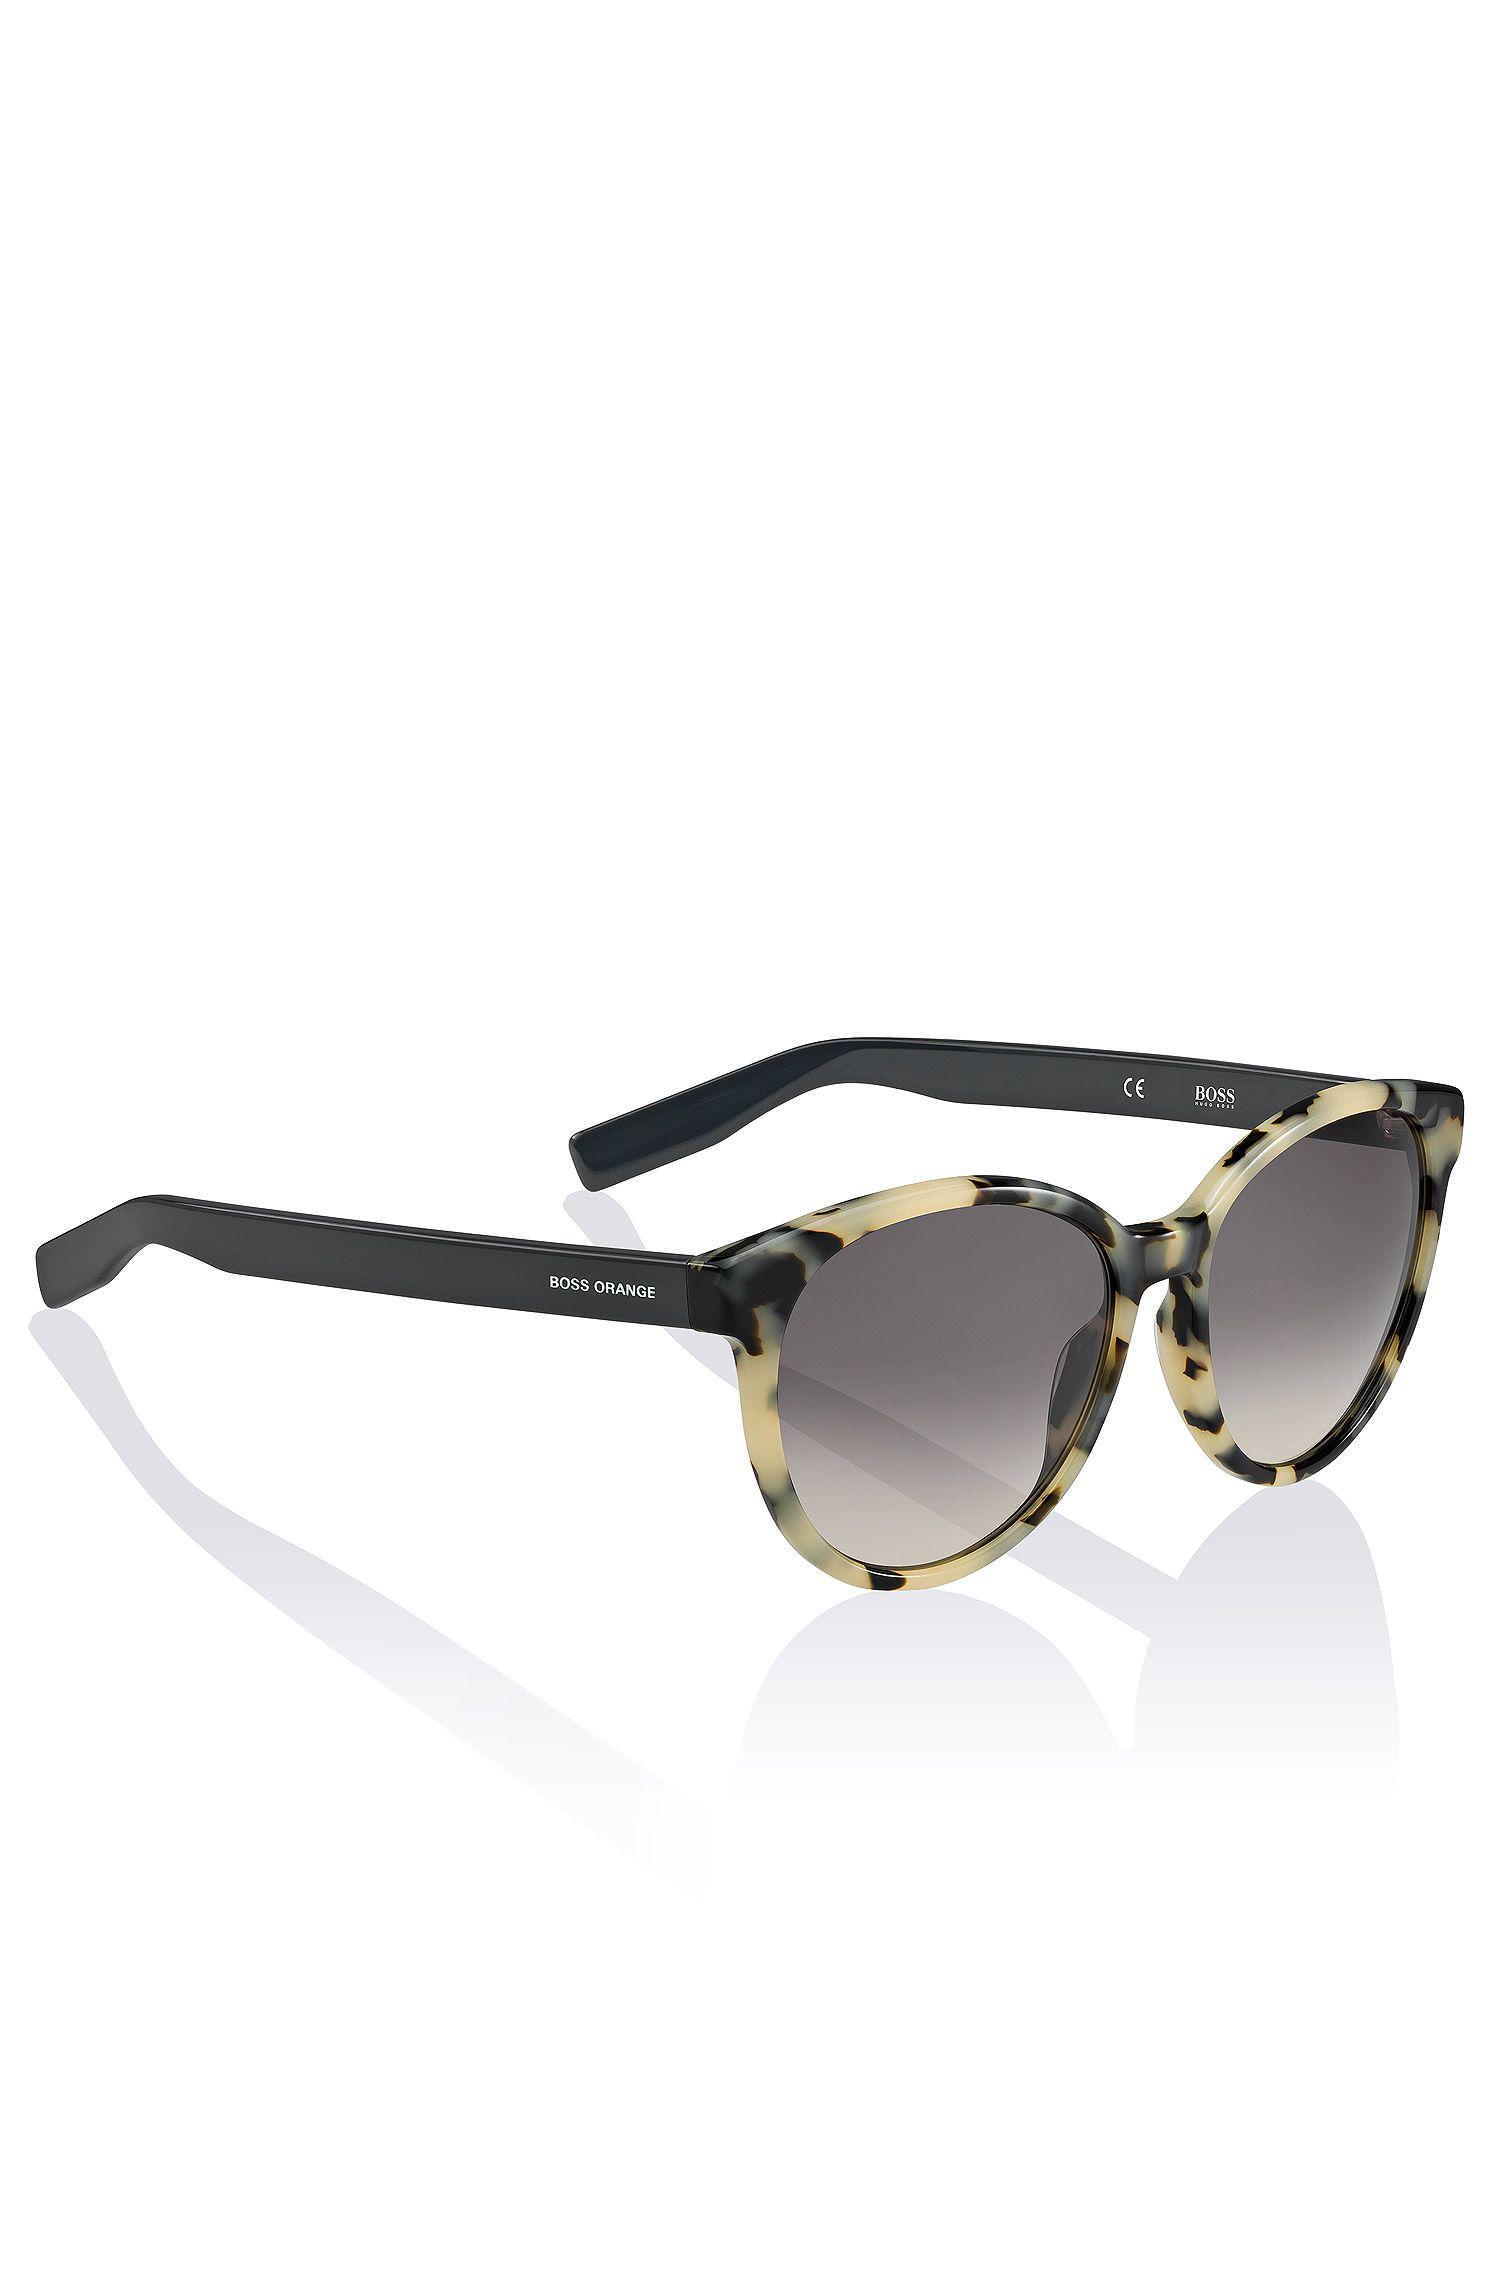 Gafas de sol 'BO 0195'